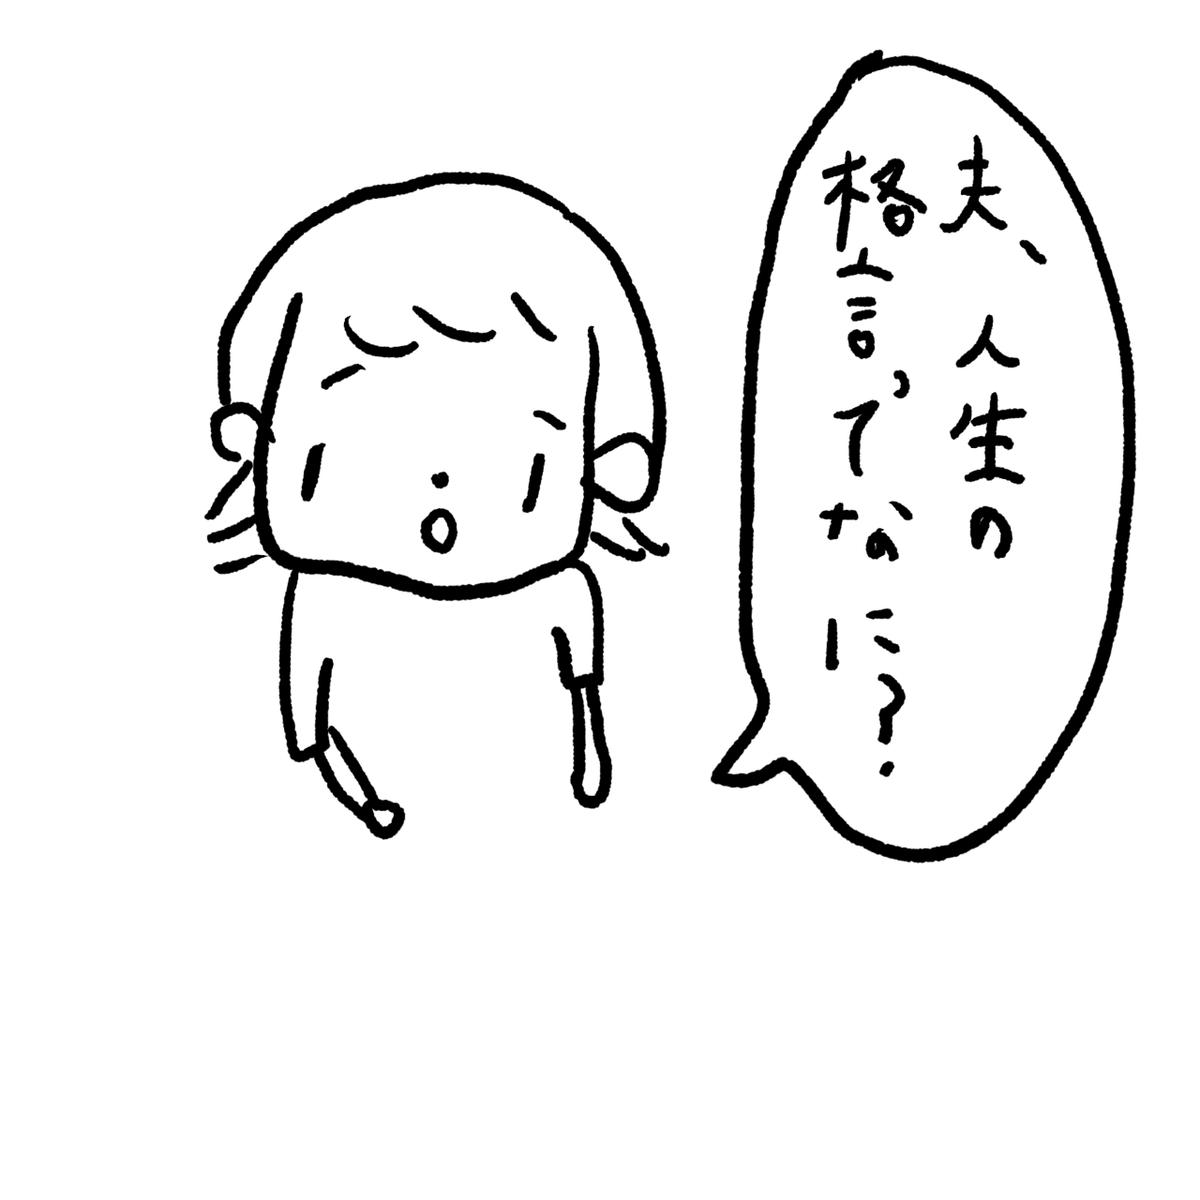 f:id:zumiumi:20210918220848p:plain